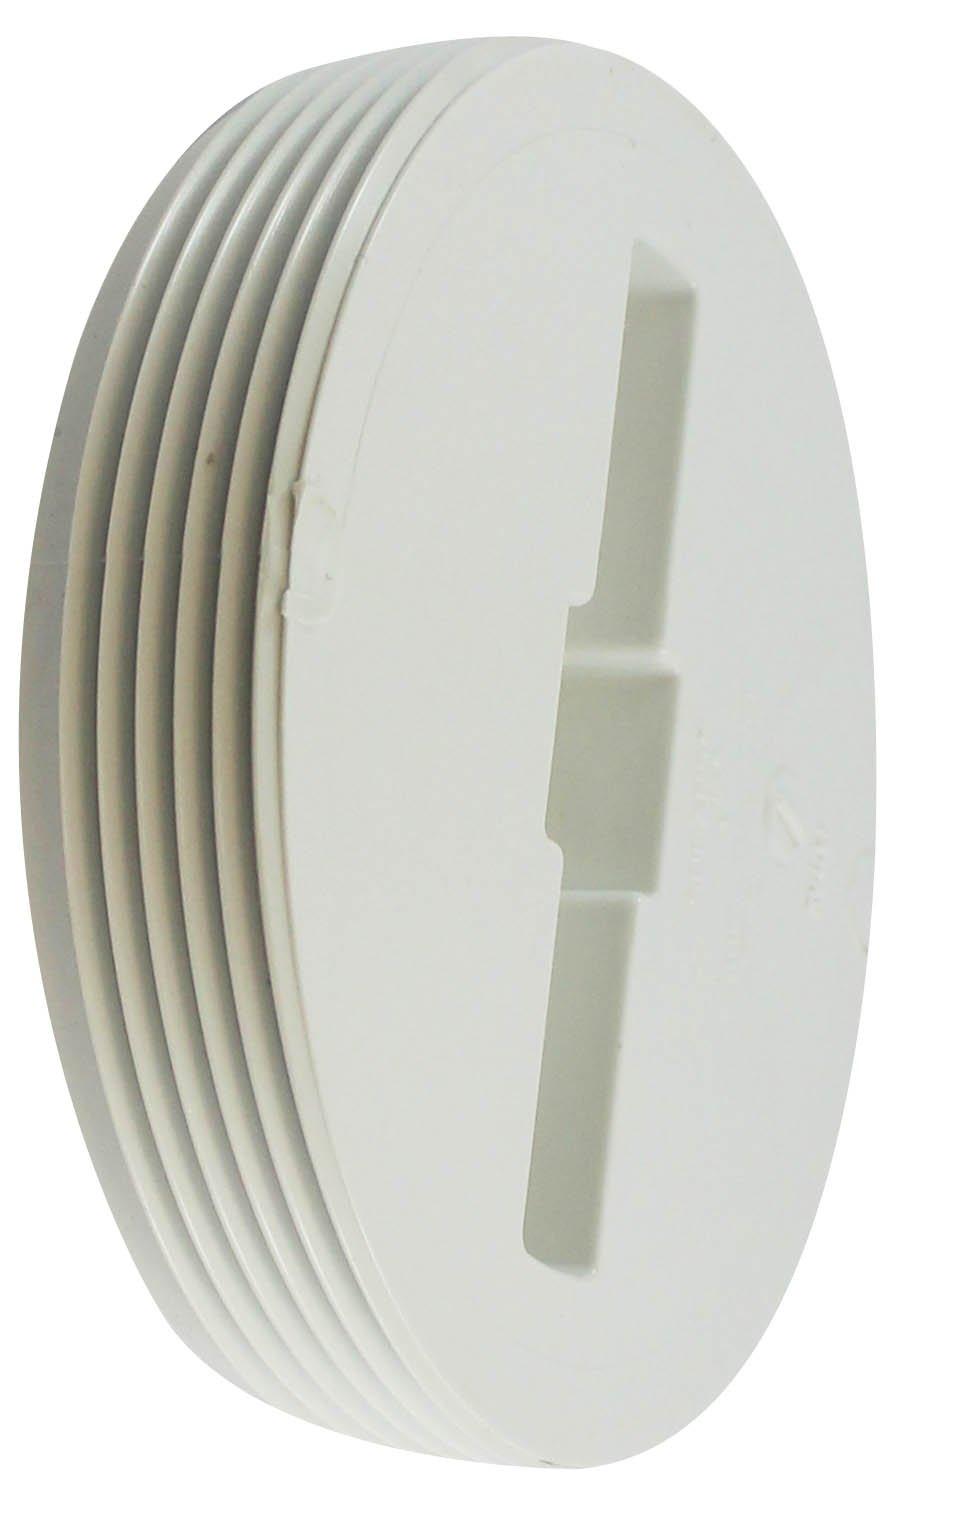 Canplas 193064 Flush Cleanout Plug, 4-Inch